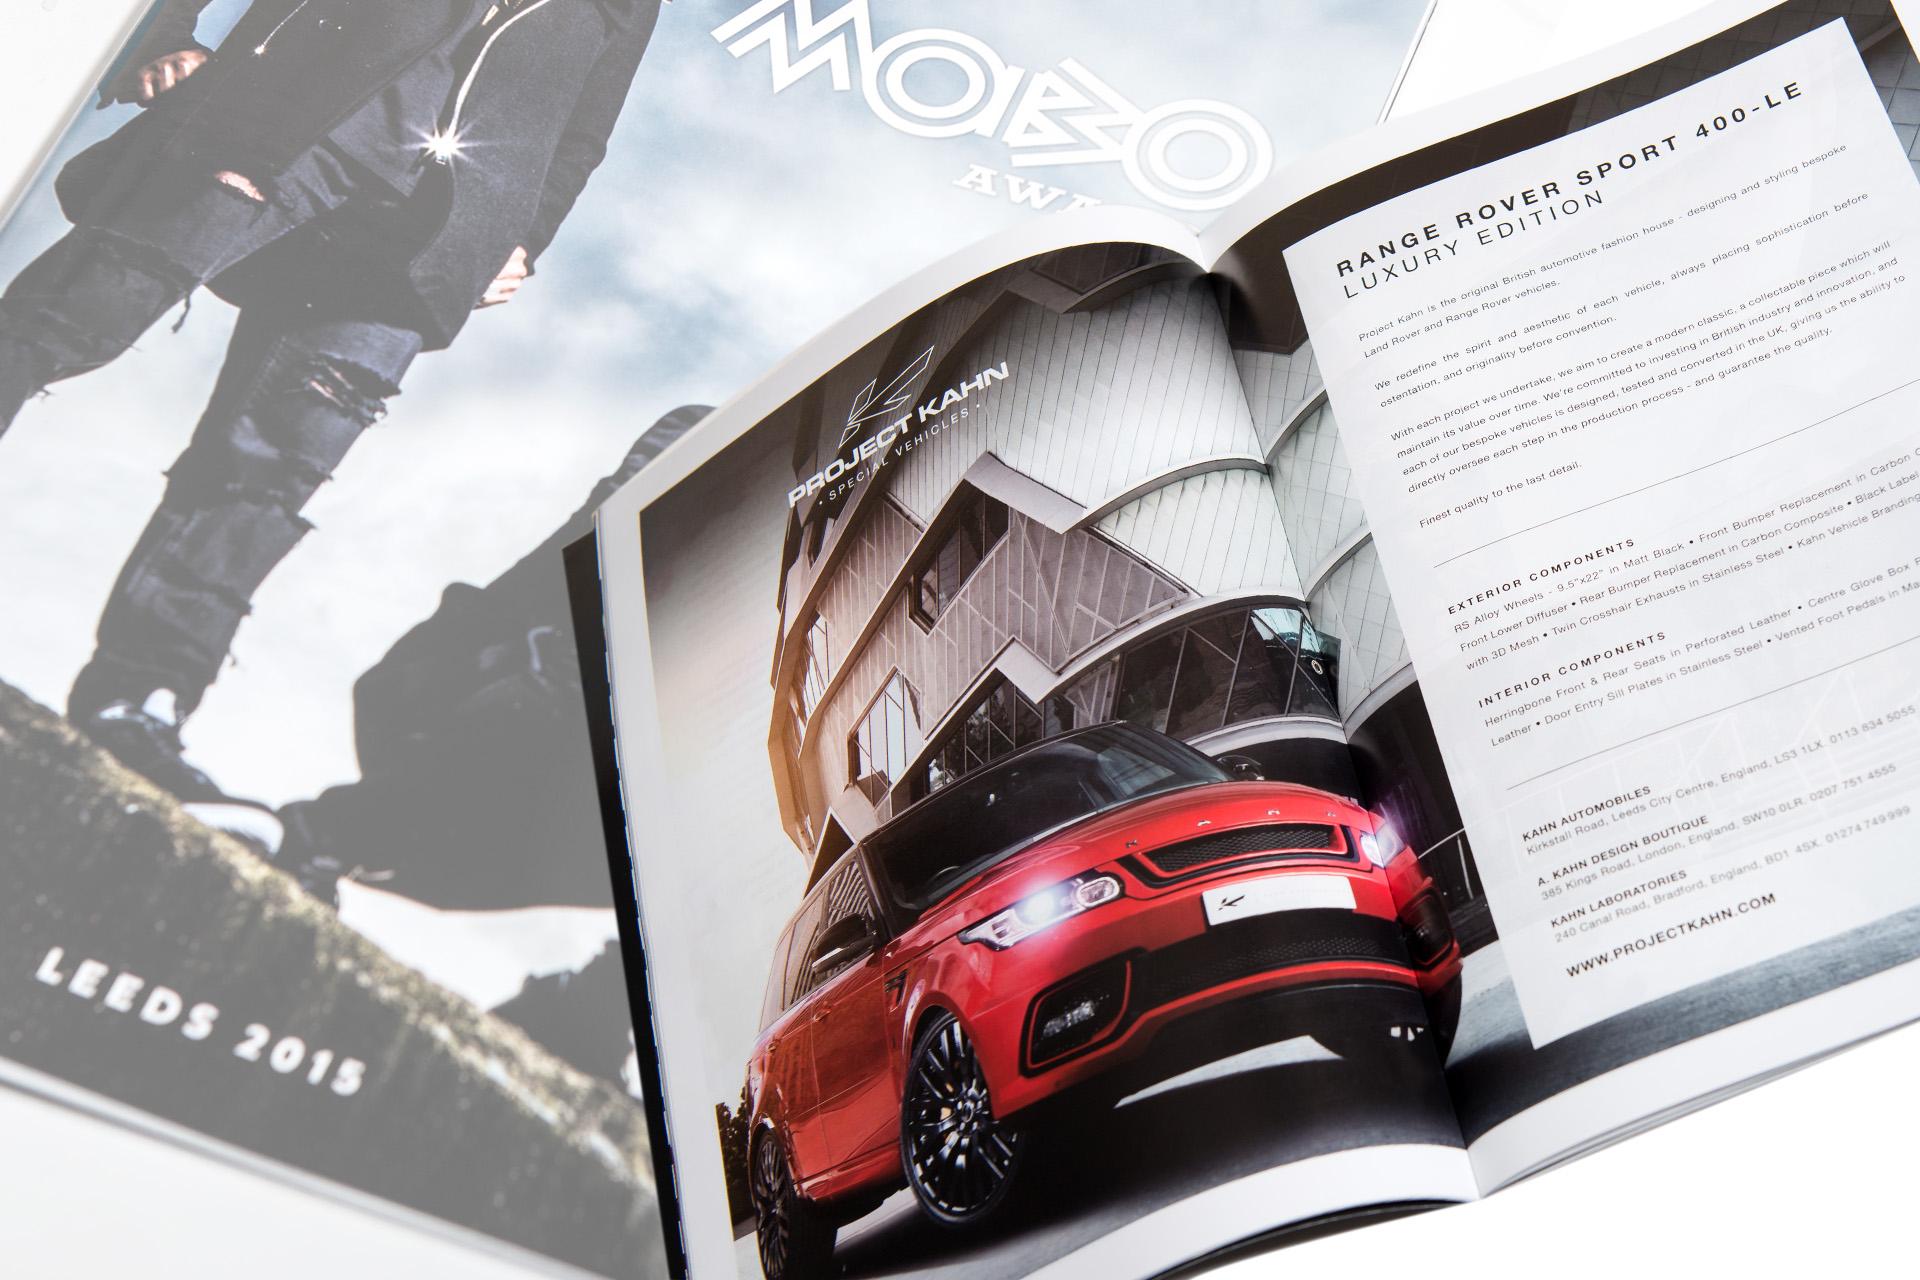 MOBO awards book